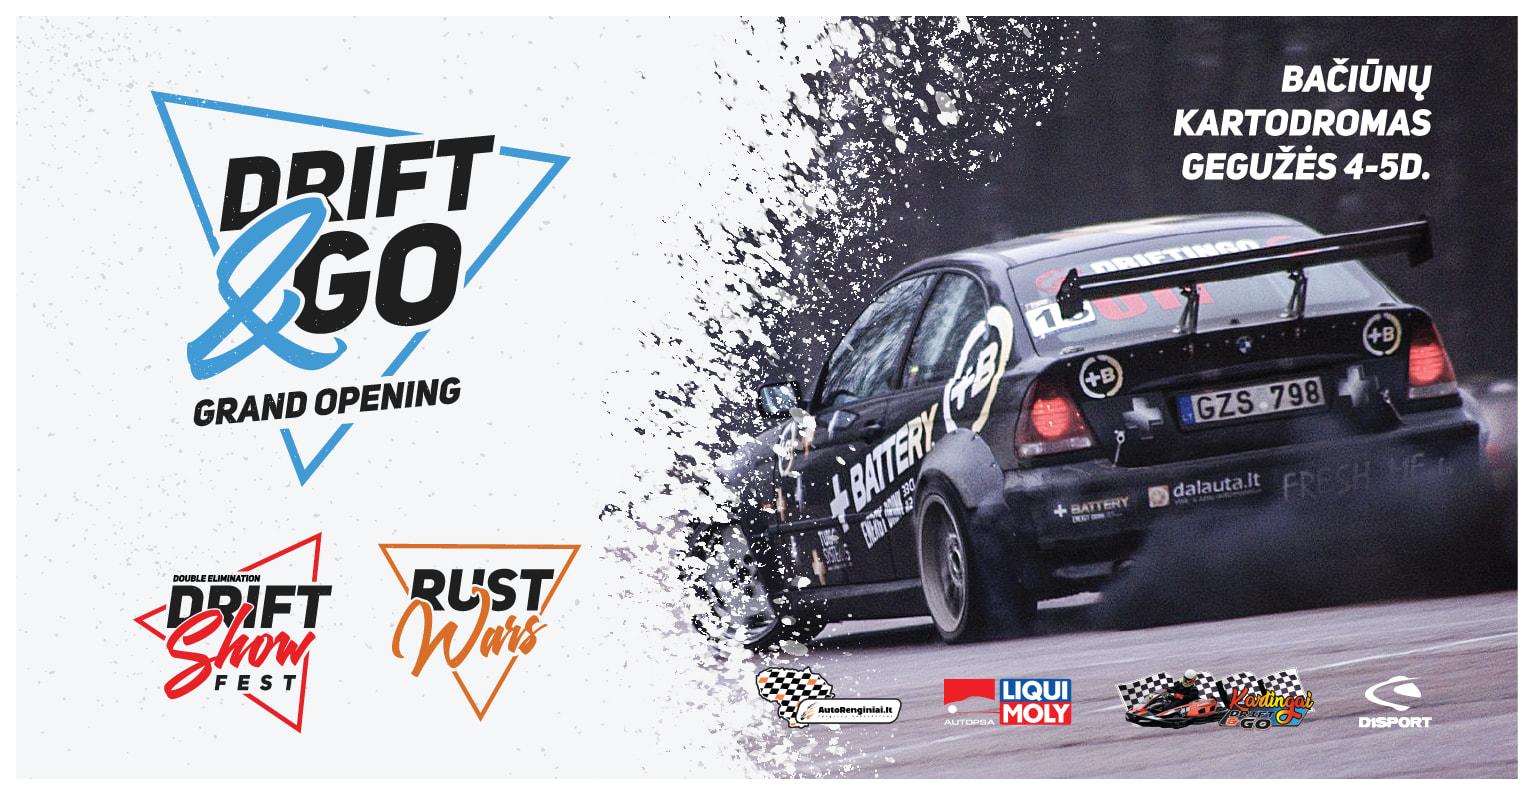 Drift & GO Grand Opening / Sezono atidarymas / Šiauliai